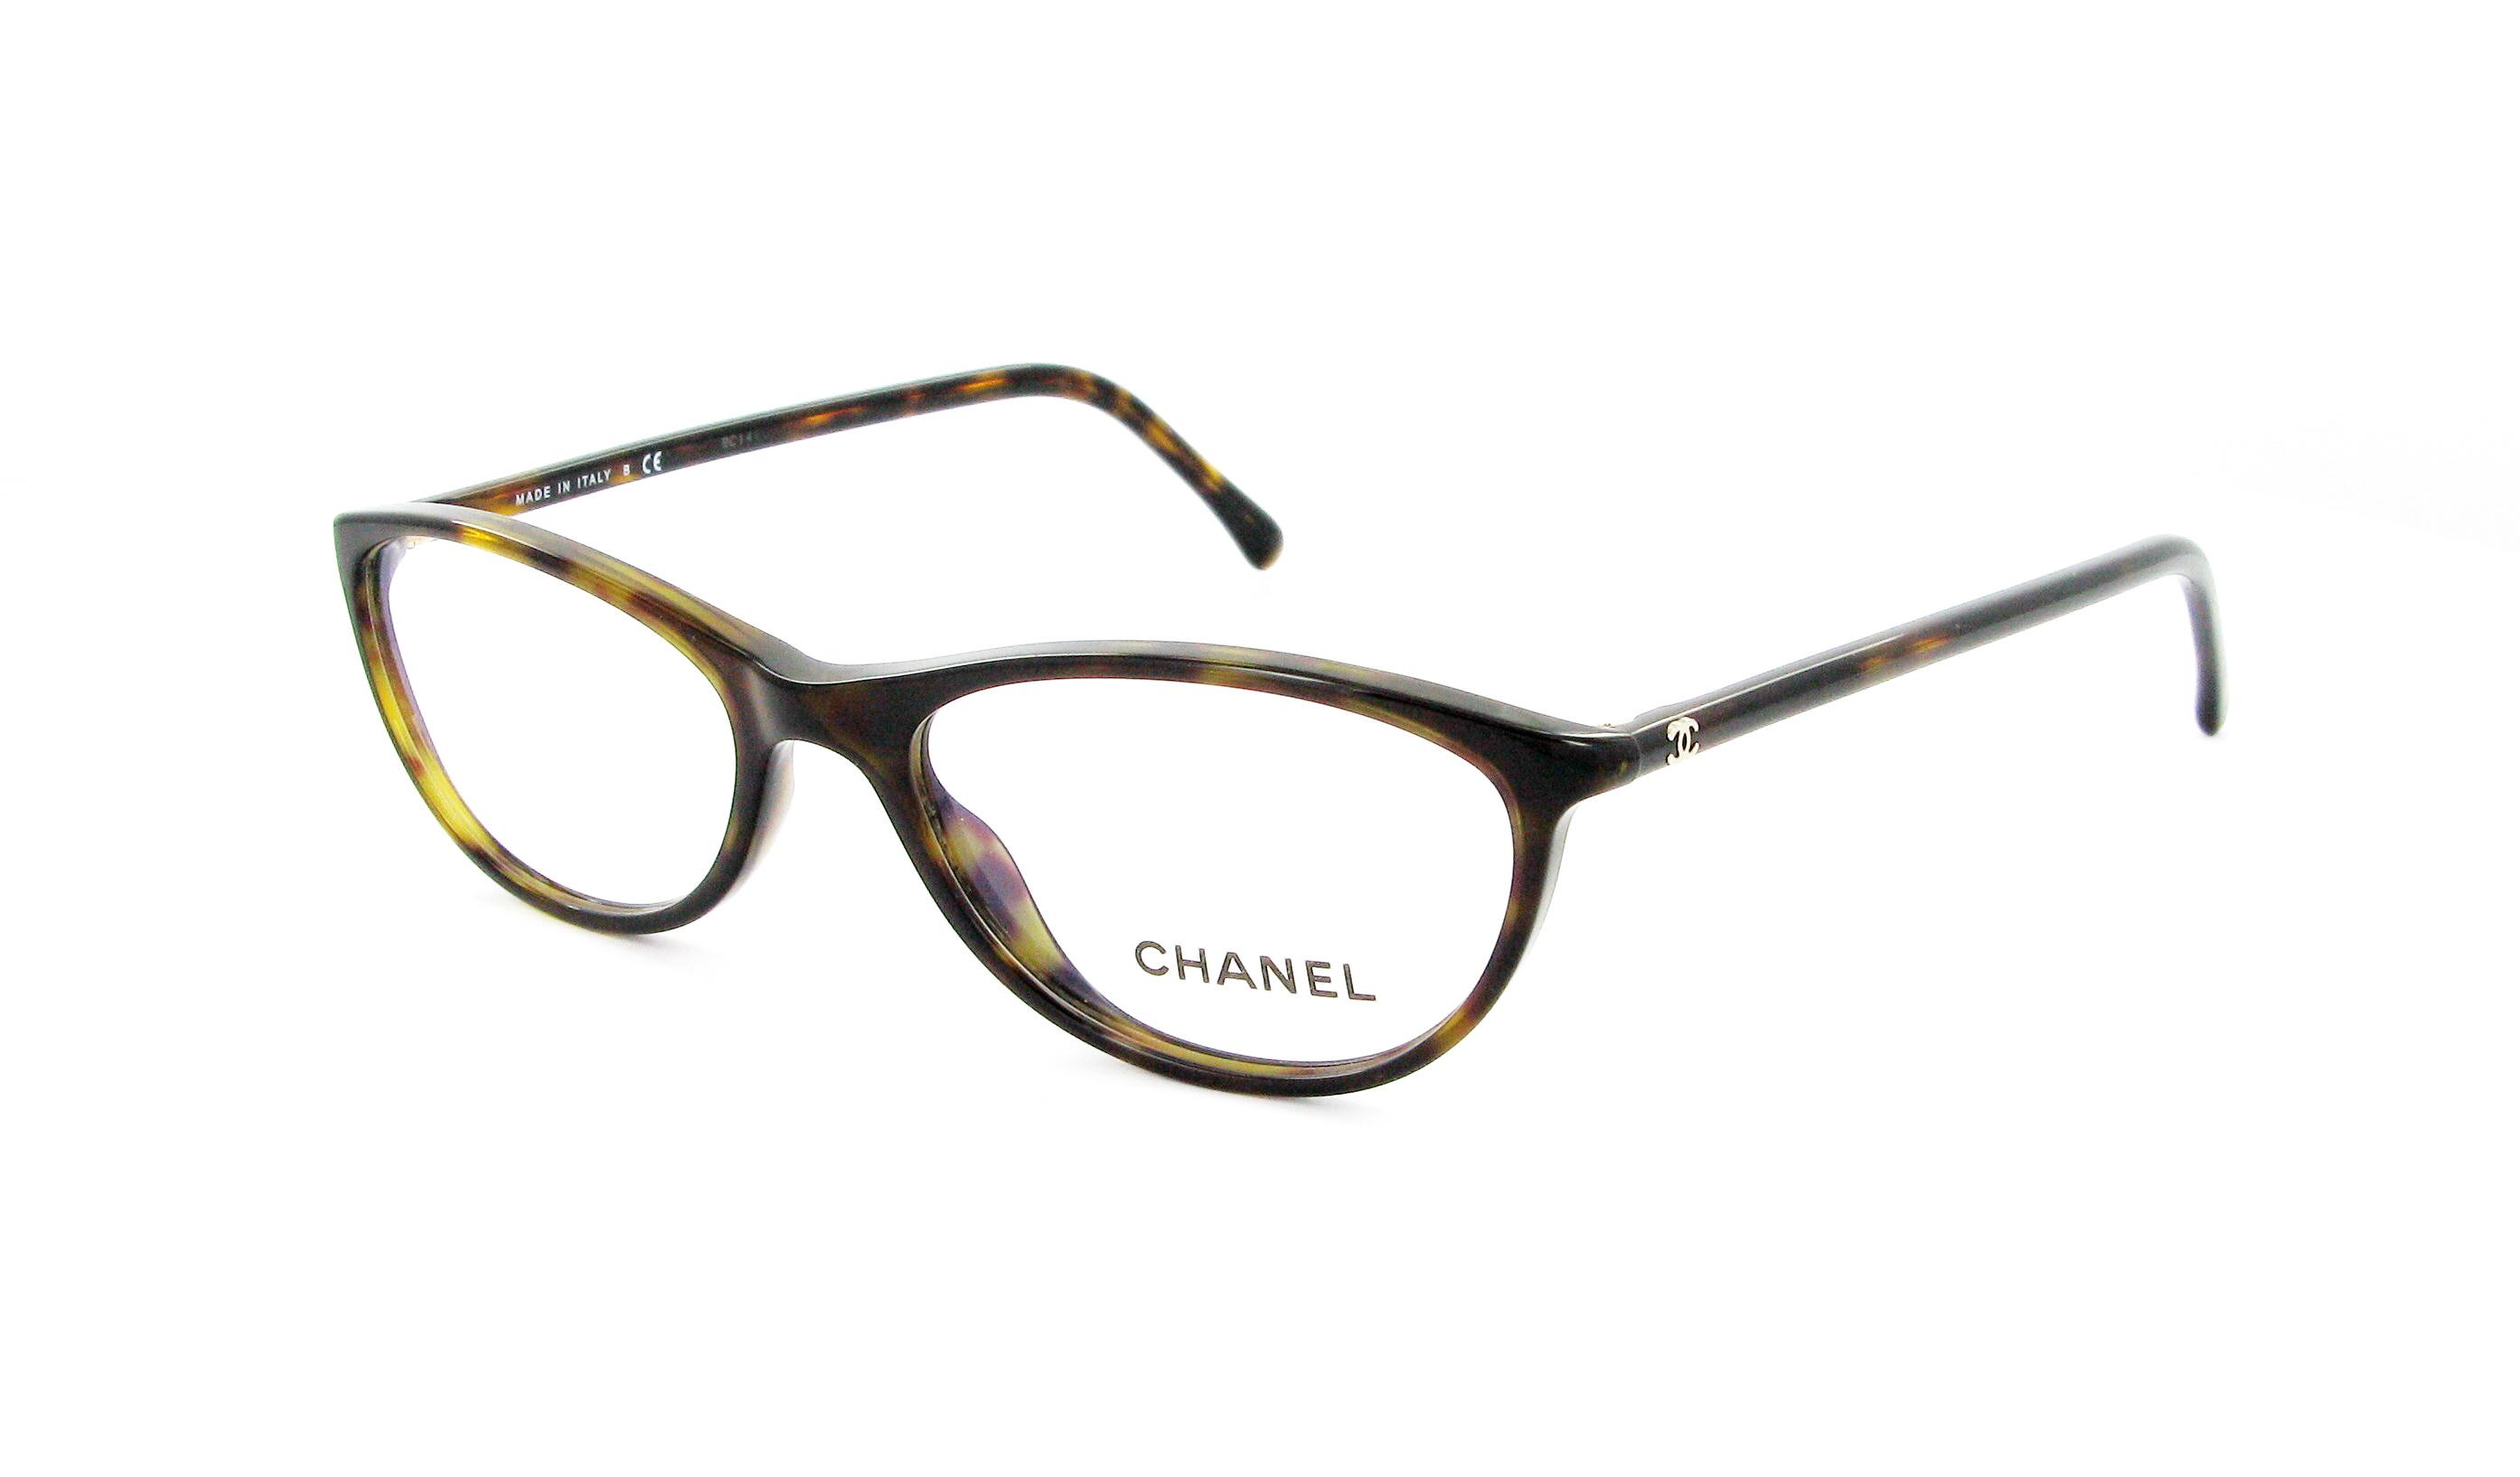 Monture Lunette Vue Chanel   David Simchi-Levi a839effd0385